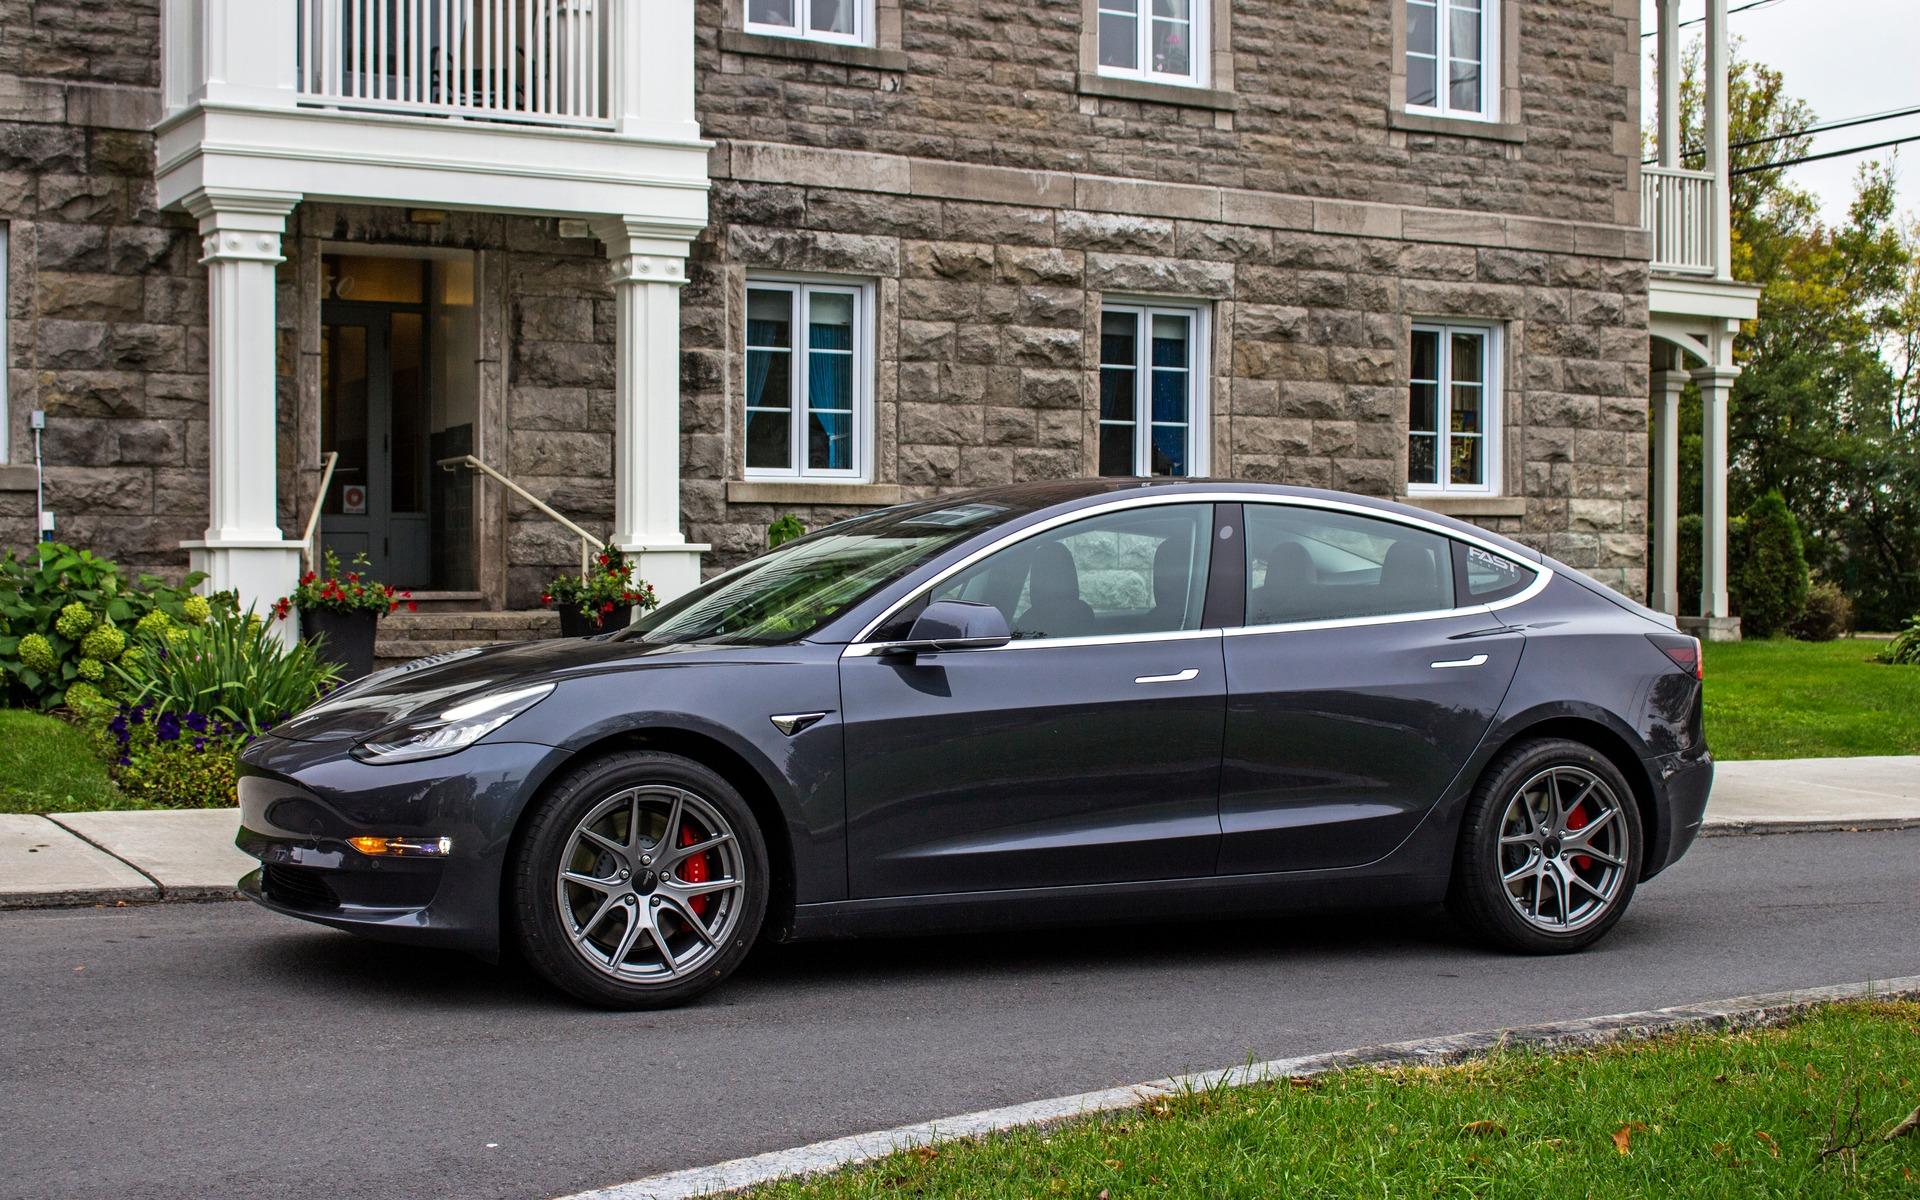 Tesla Model 3 Performance 2018 : doigt d'honneur vers une industrie entière 350877_2018_Tesla_Model_3